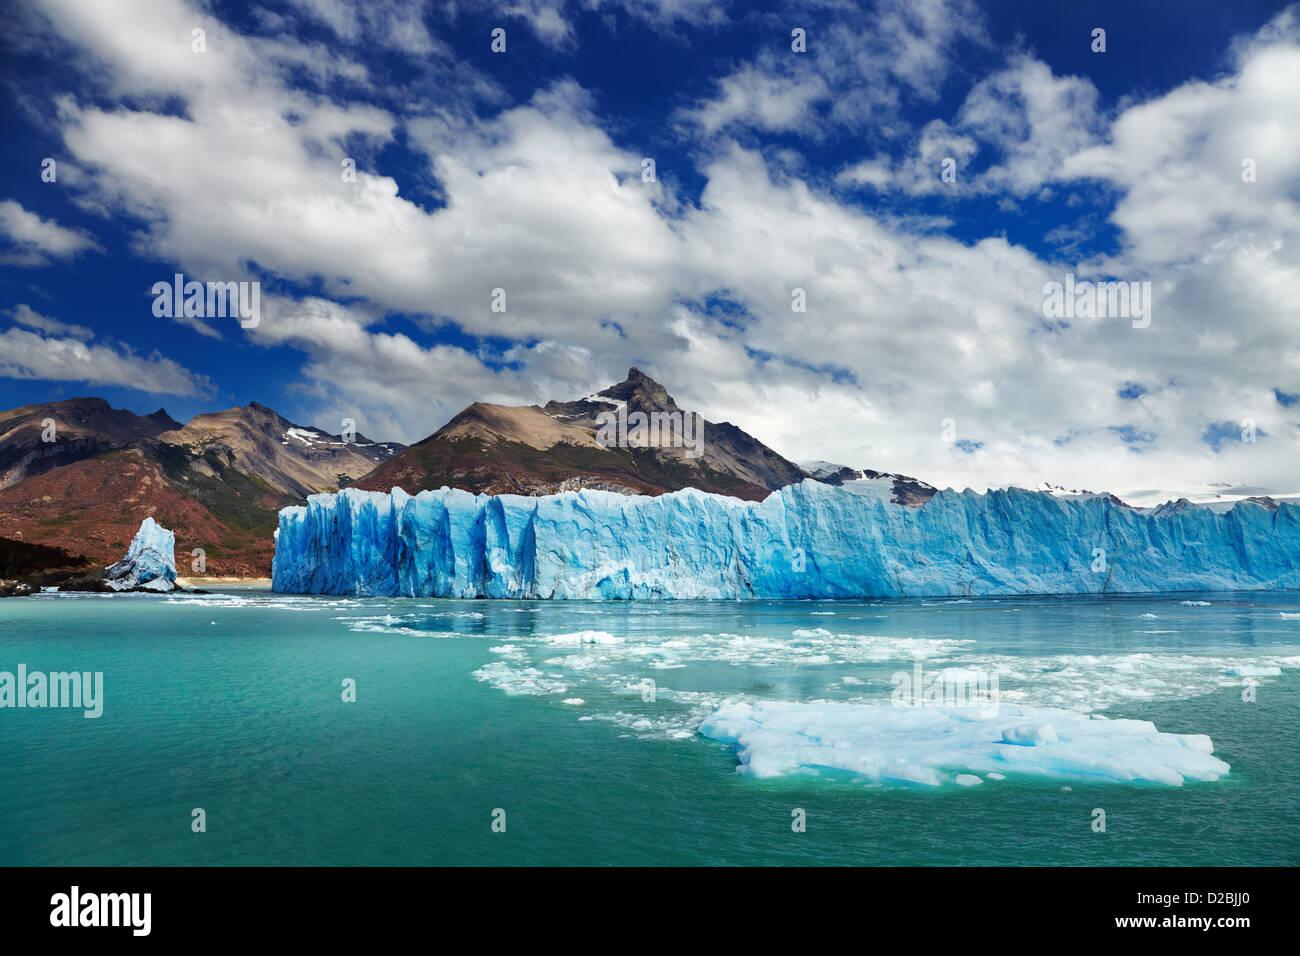 Le glacier Perito Moreno, Lago Argentino, Patagonie, Argentine Photo Stock